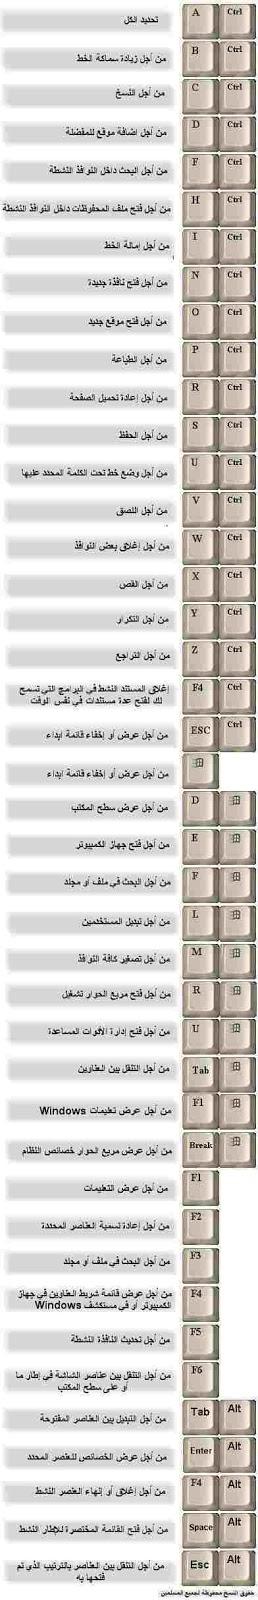 """كل اختصارات لوحة المفاتيح """"Keyboard"""" التي لاغنى عنها لاى مستخدم للكمبيوتر 9"""